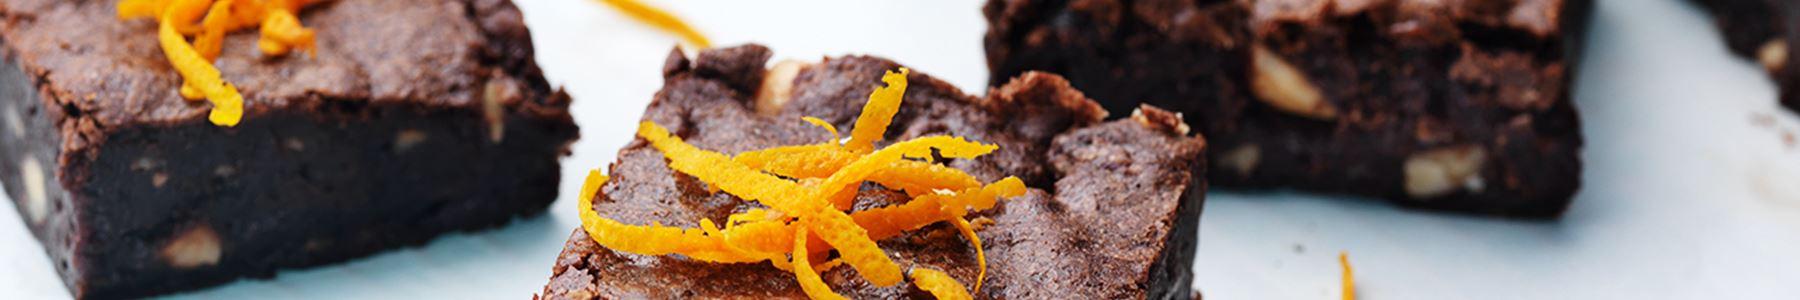 Apelsin + Vetemjöl + Bröd